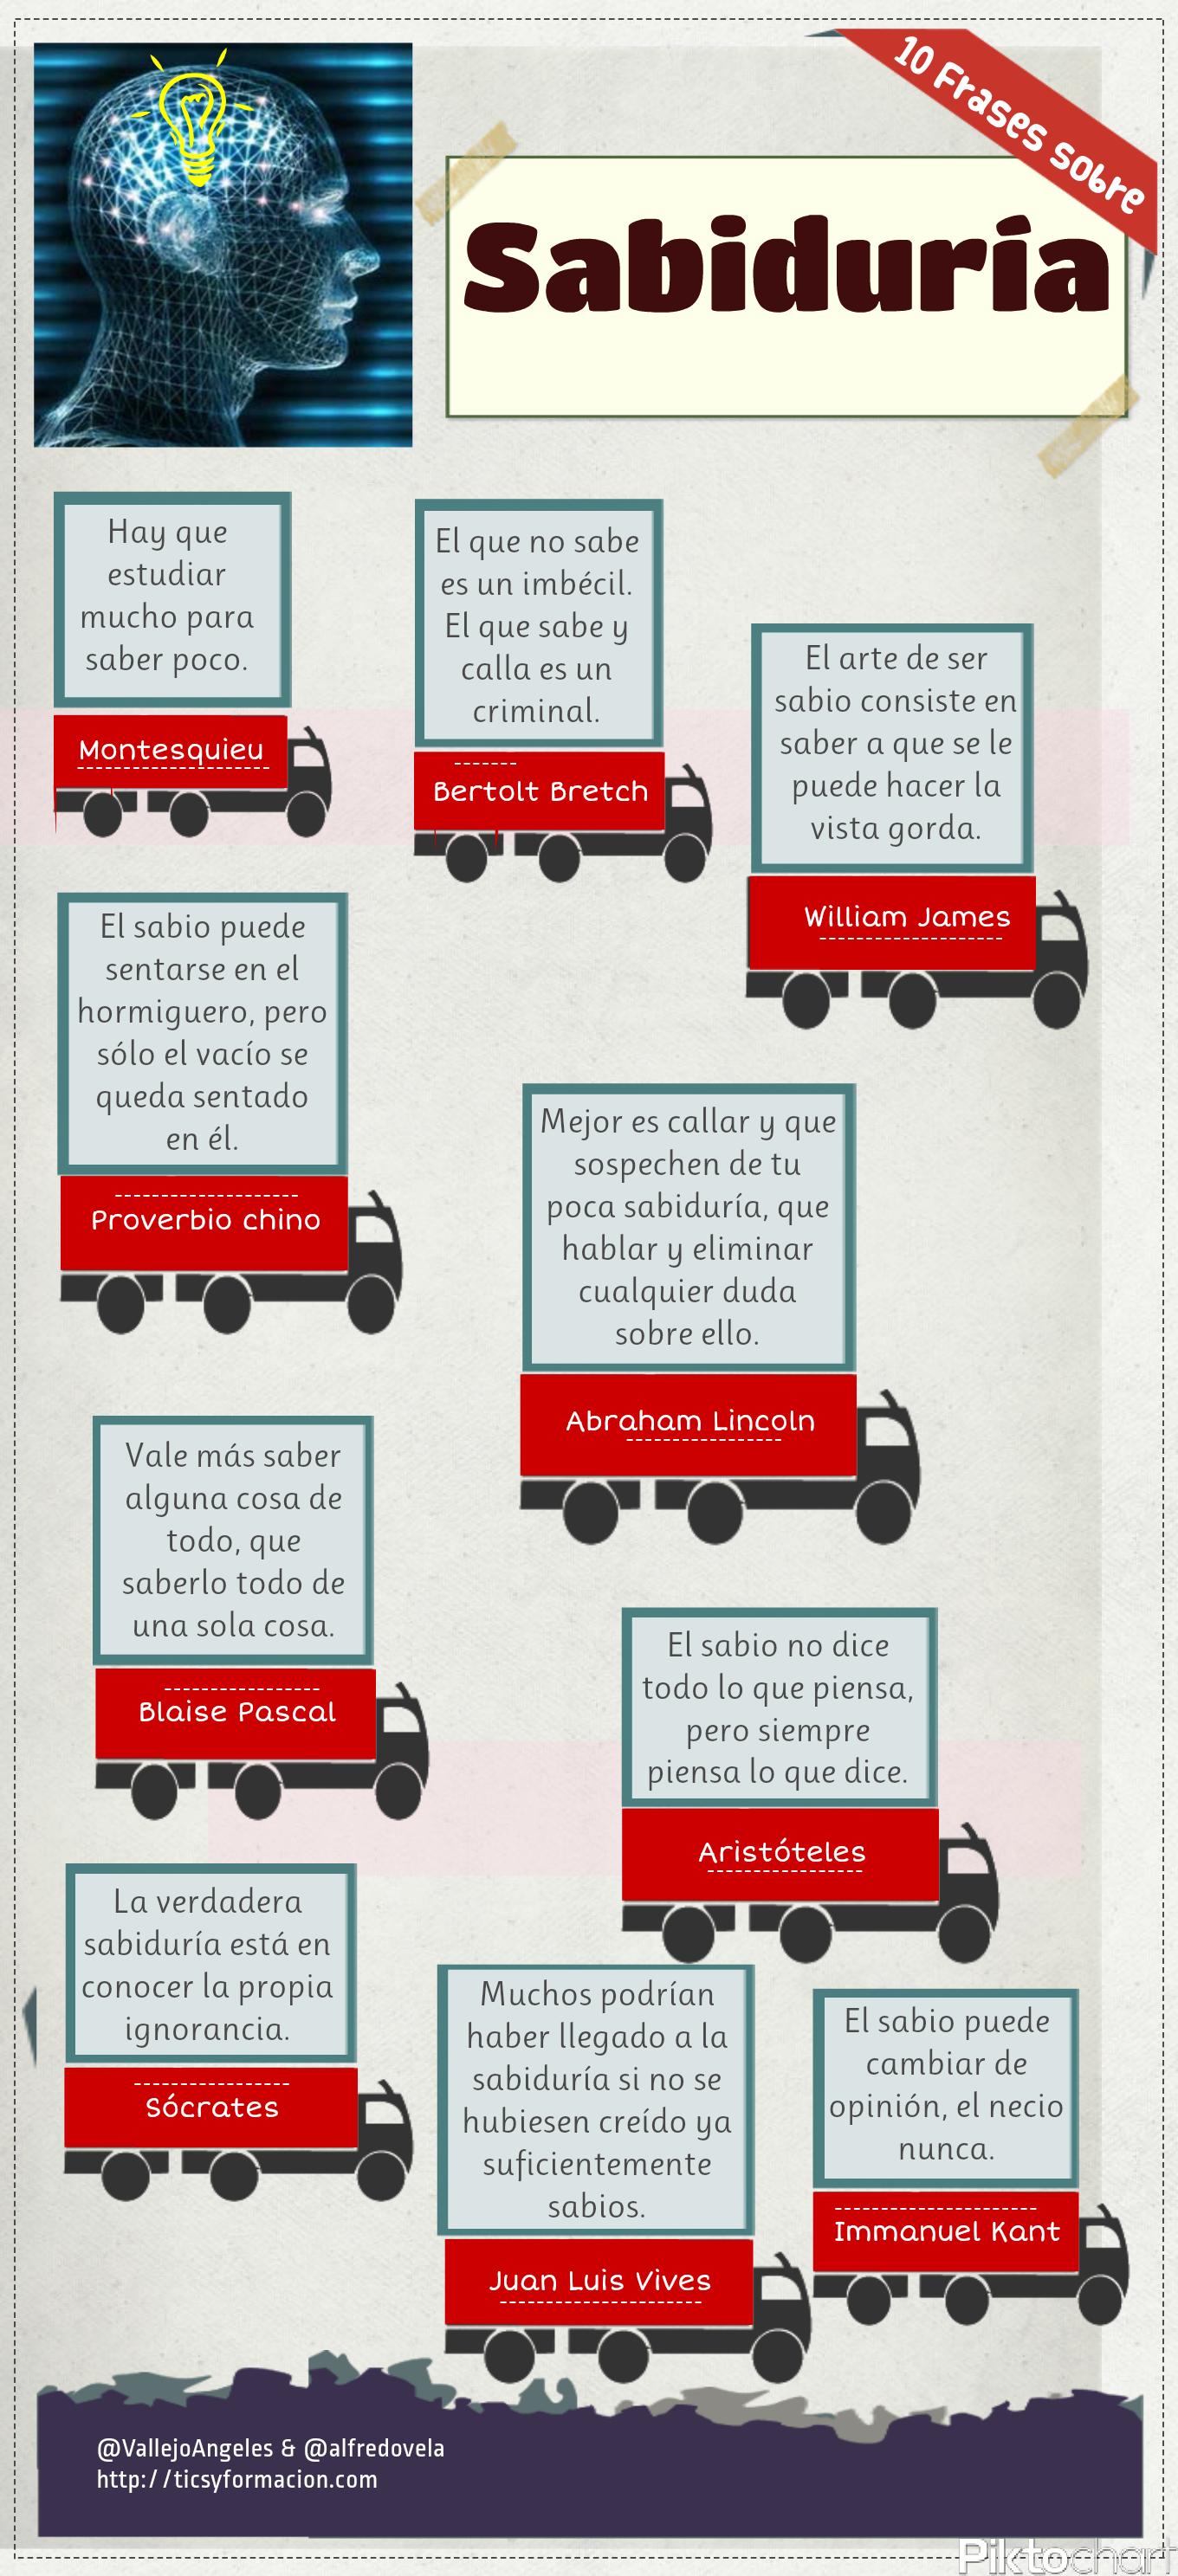 10 Frases Célebres Sobre Sabiduría Infografia Infographic